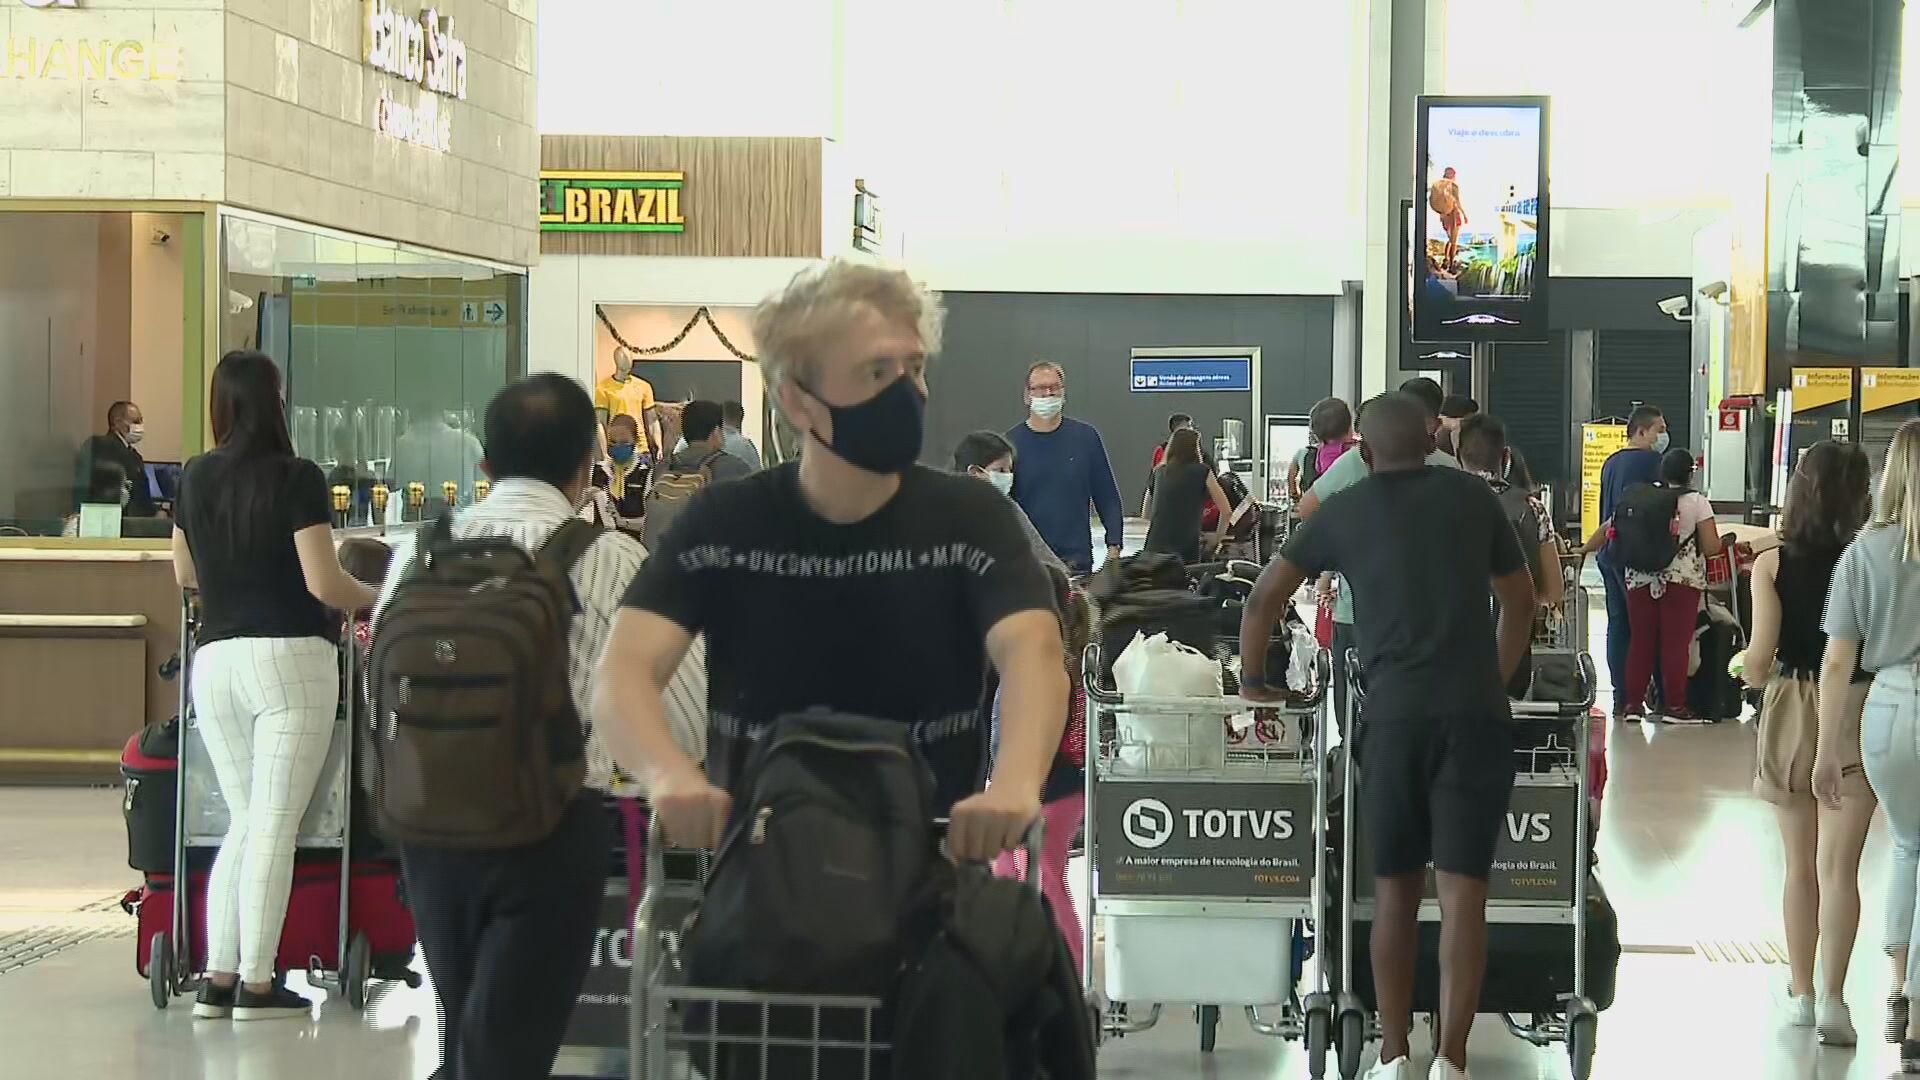 Portugal exige quarentena para passageiros vindos do Brasil por voos de conexão